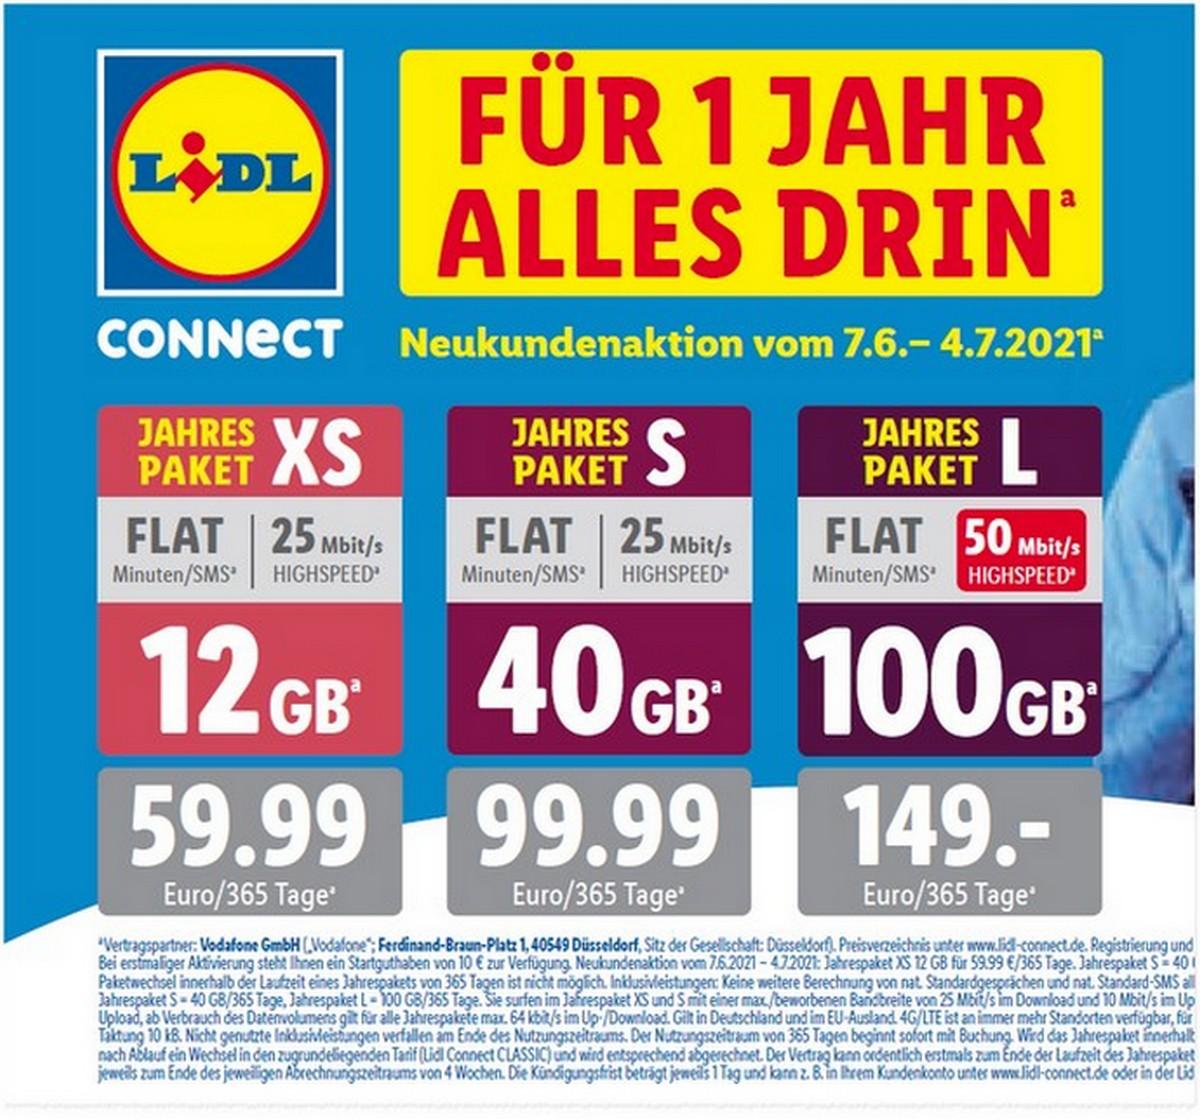 Die LIDL CONNECT Prepaid-Jahrespakete kosten zwischen 59,99 € und 149 €